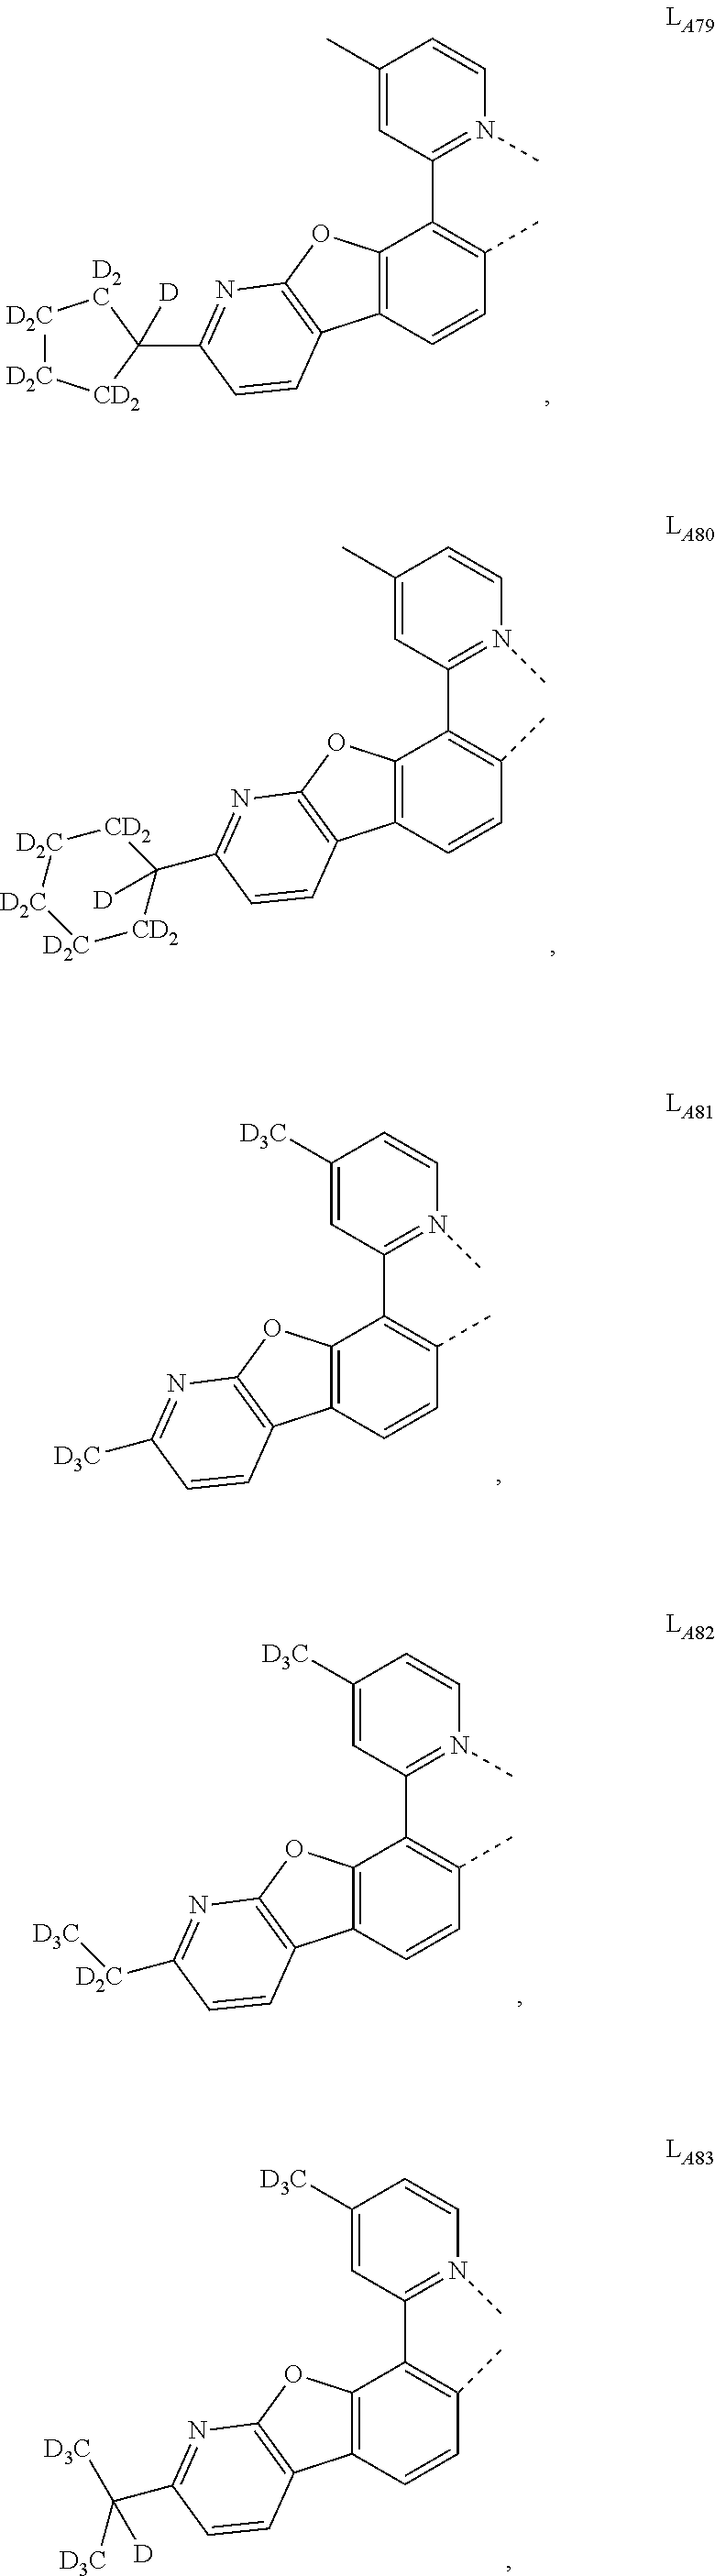 Figure US20160049599A1-20160218-C00026